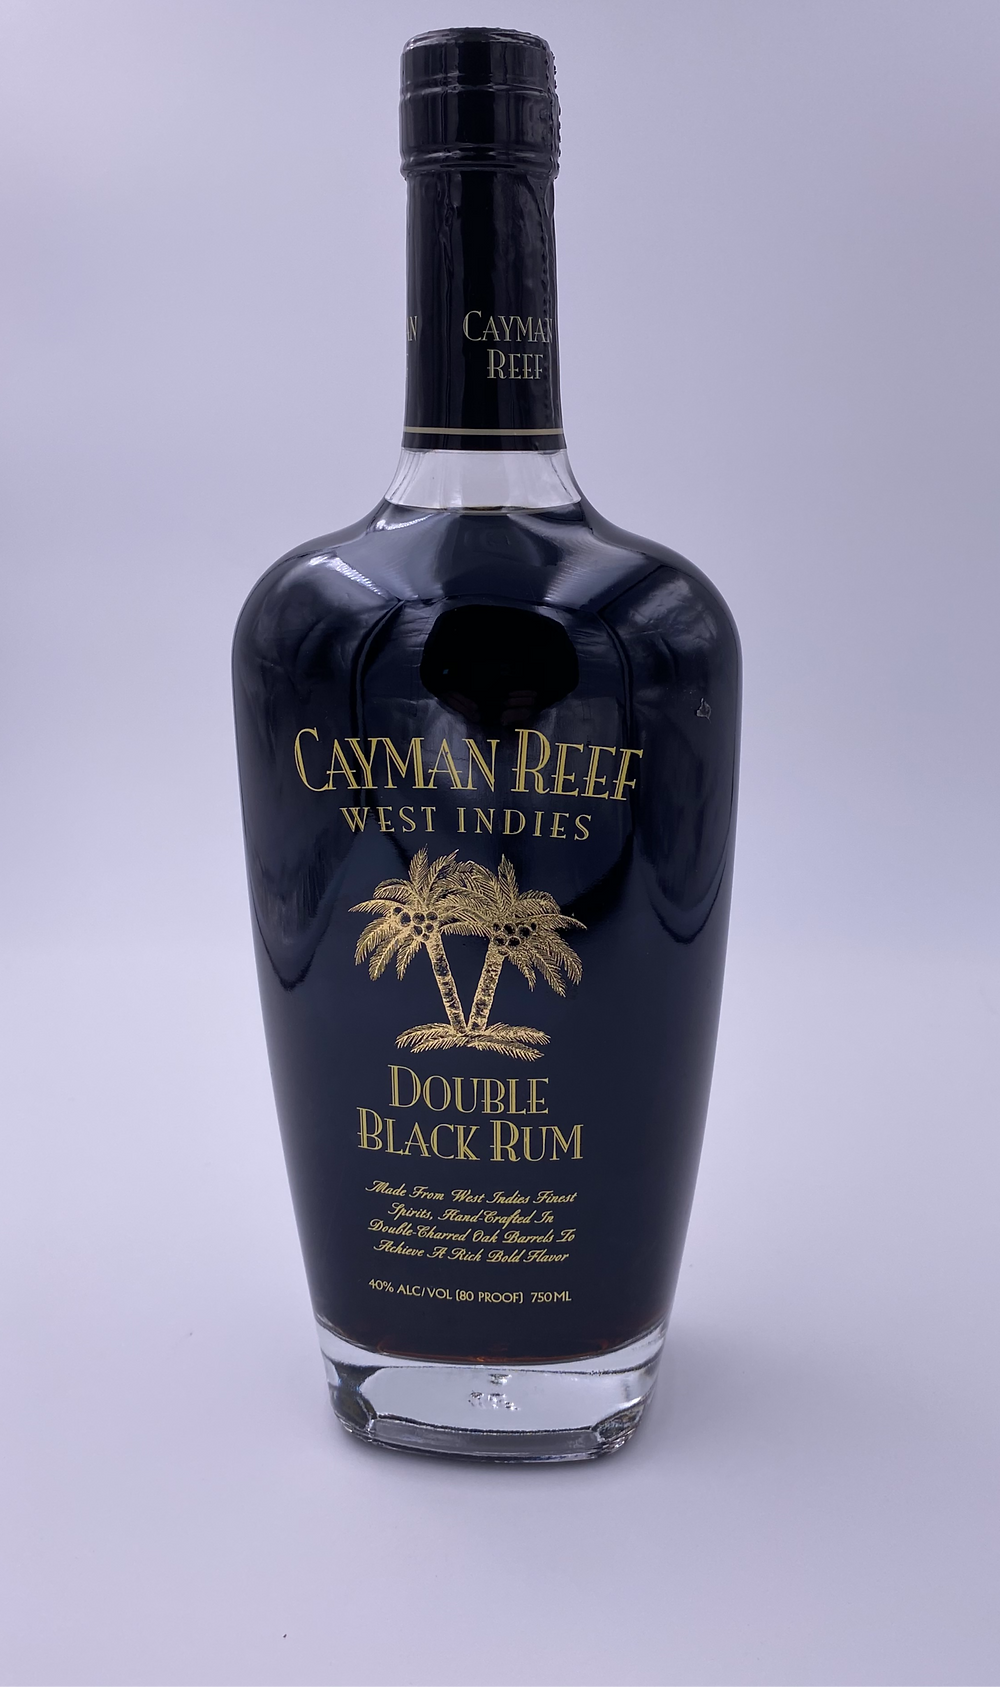 Cayman Reef Double Black Rum Bottle